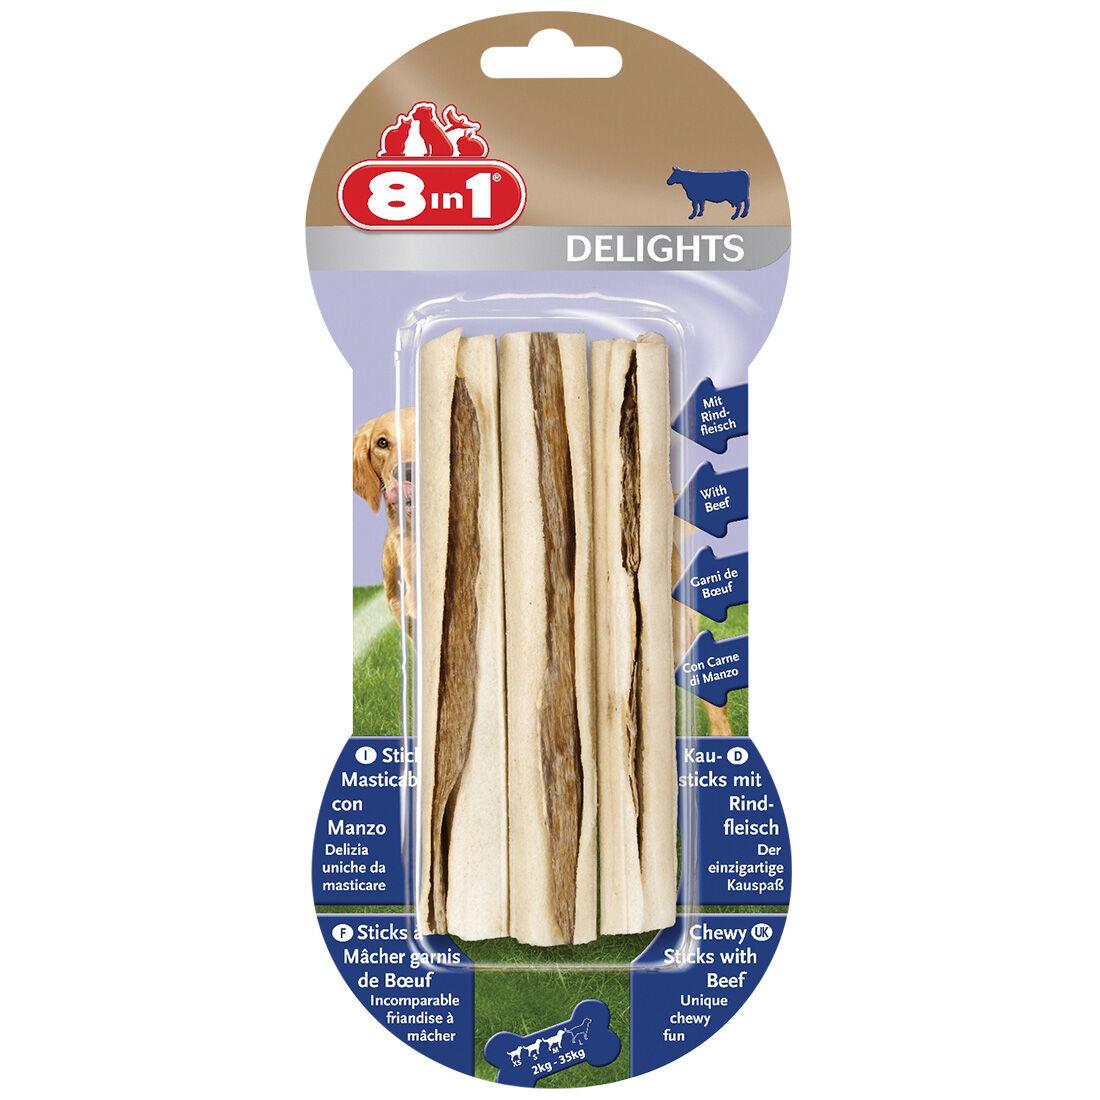 8in1 Delights Sticks à mâcher au bœuf Contenance : 3 pièces